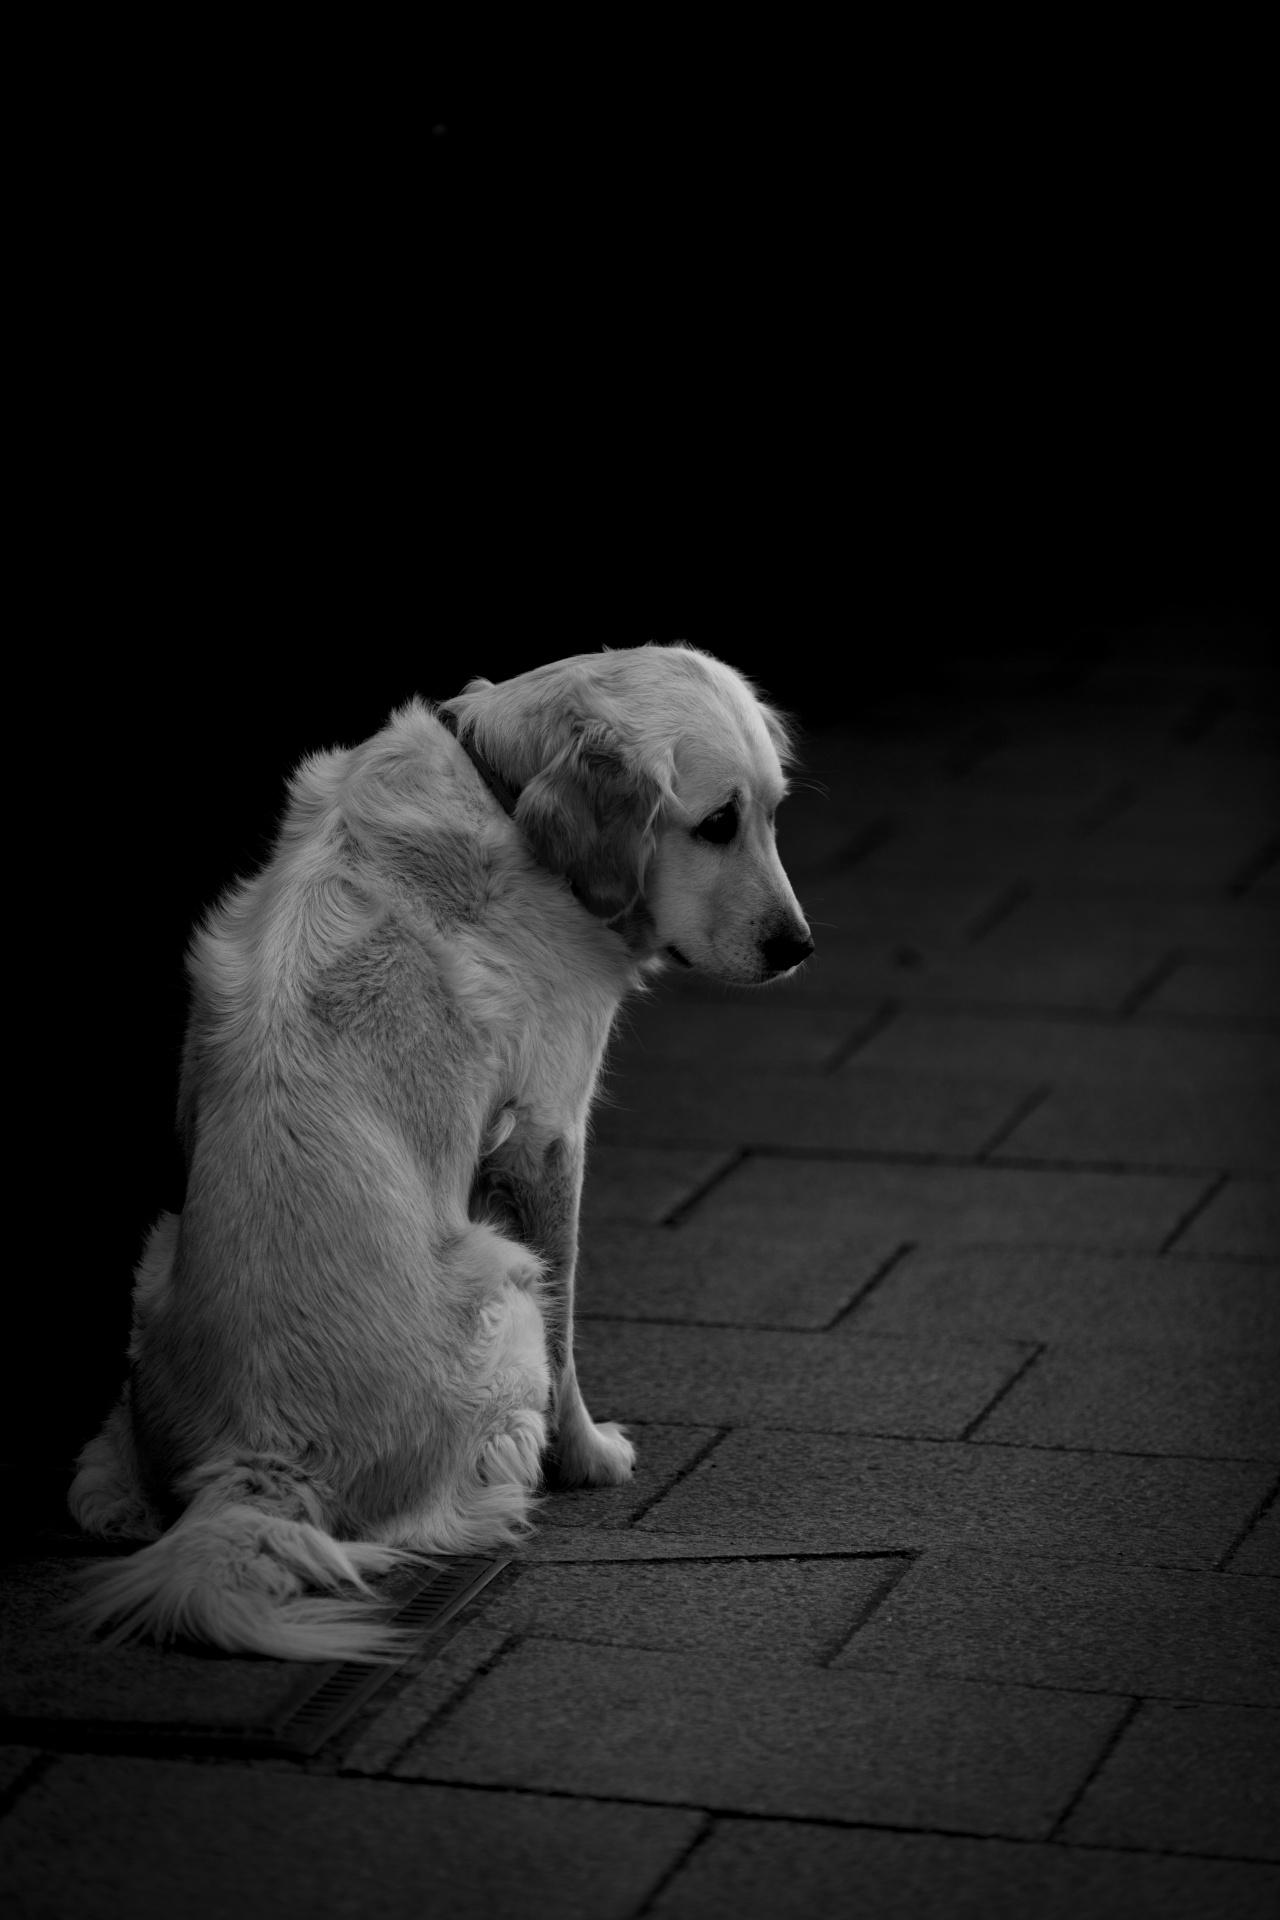 alone sad friend dog animal